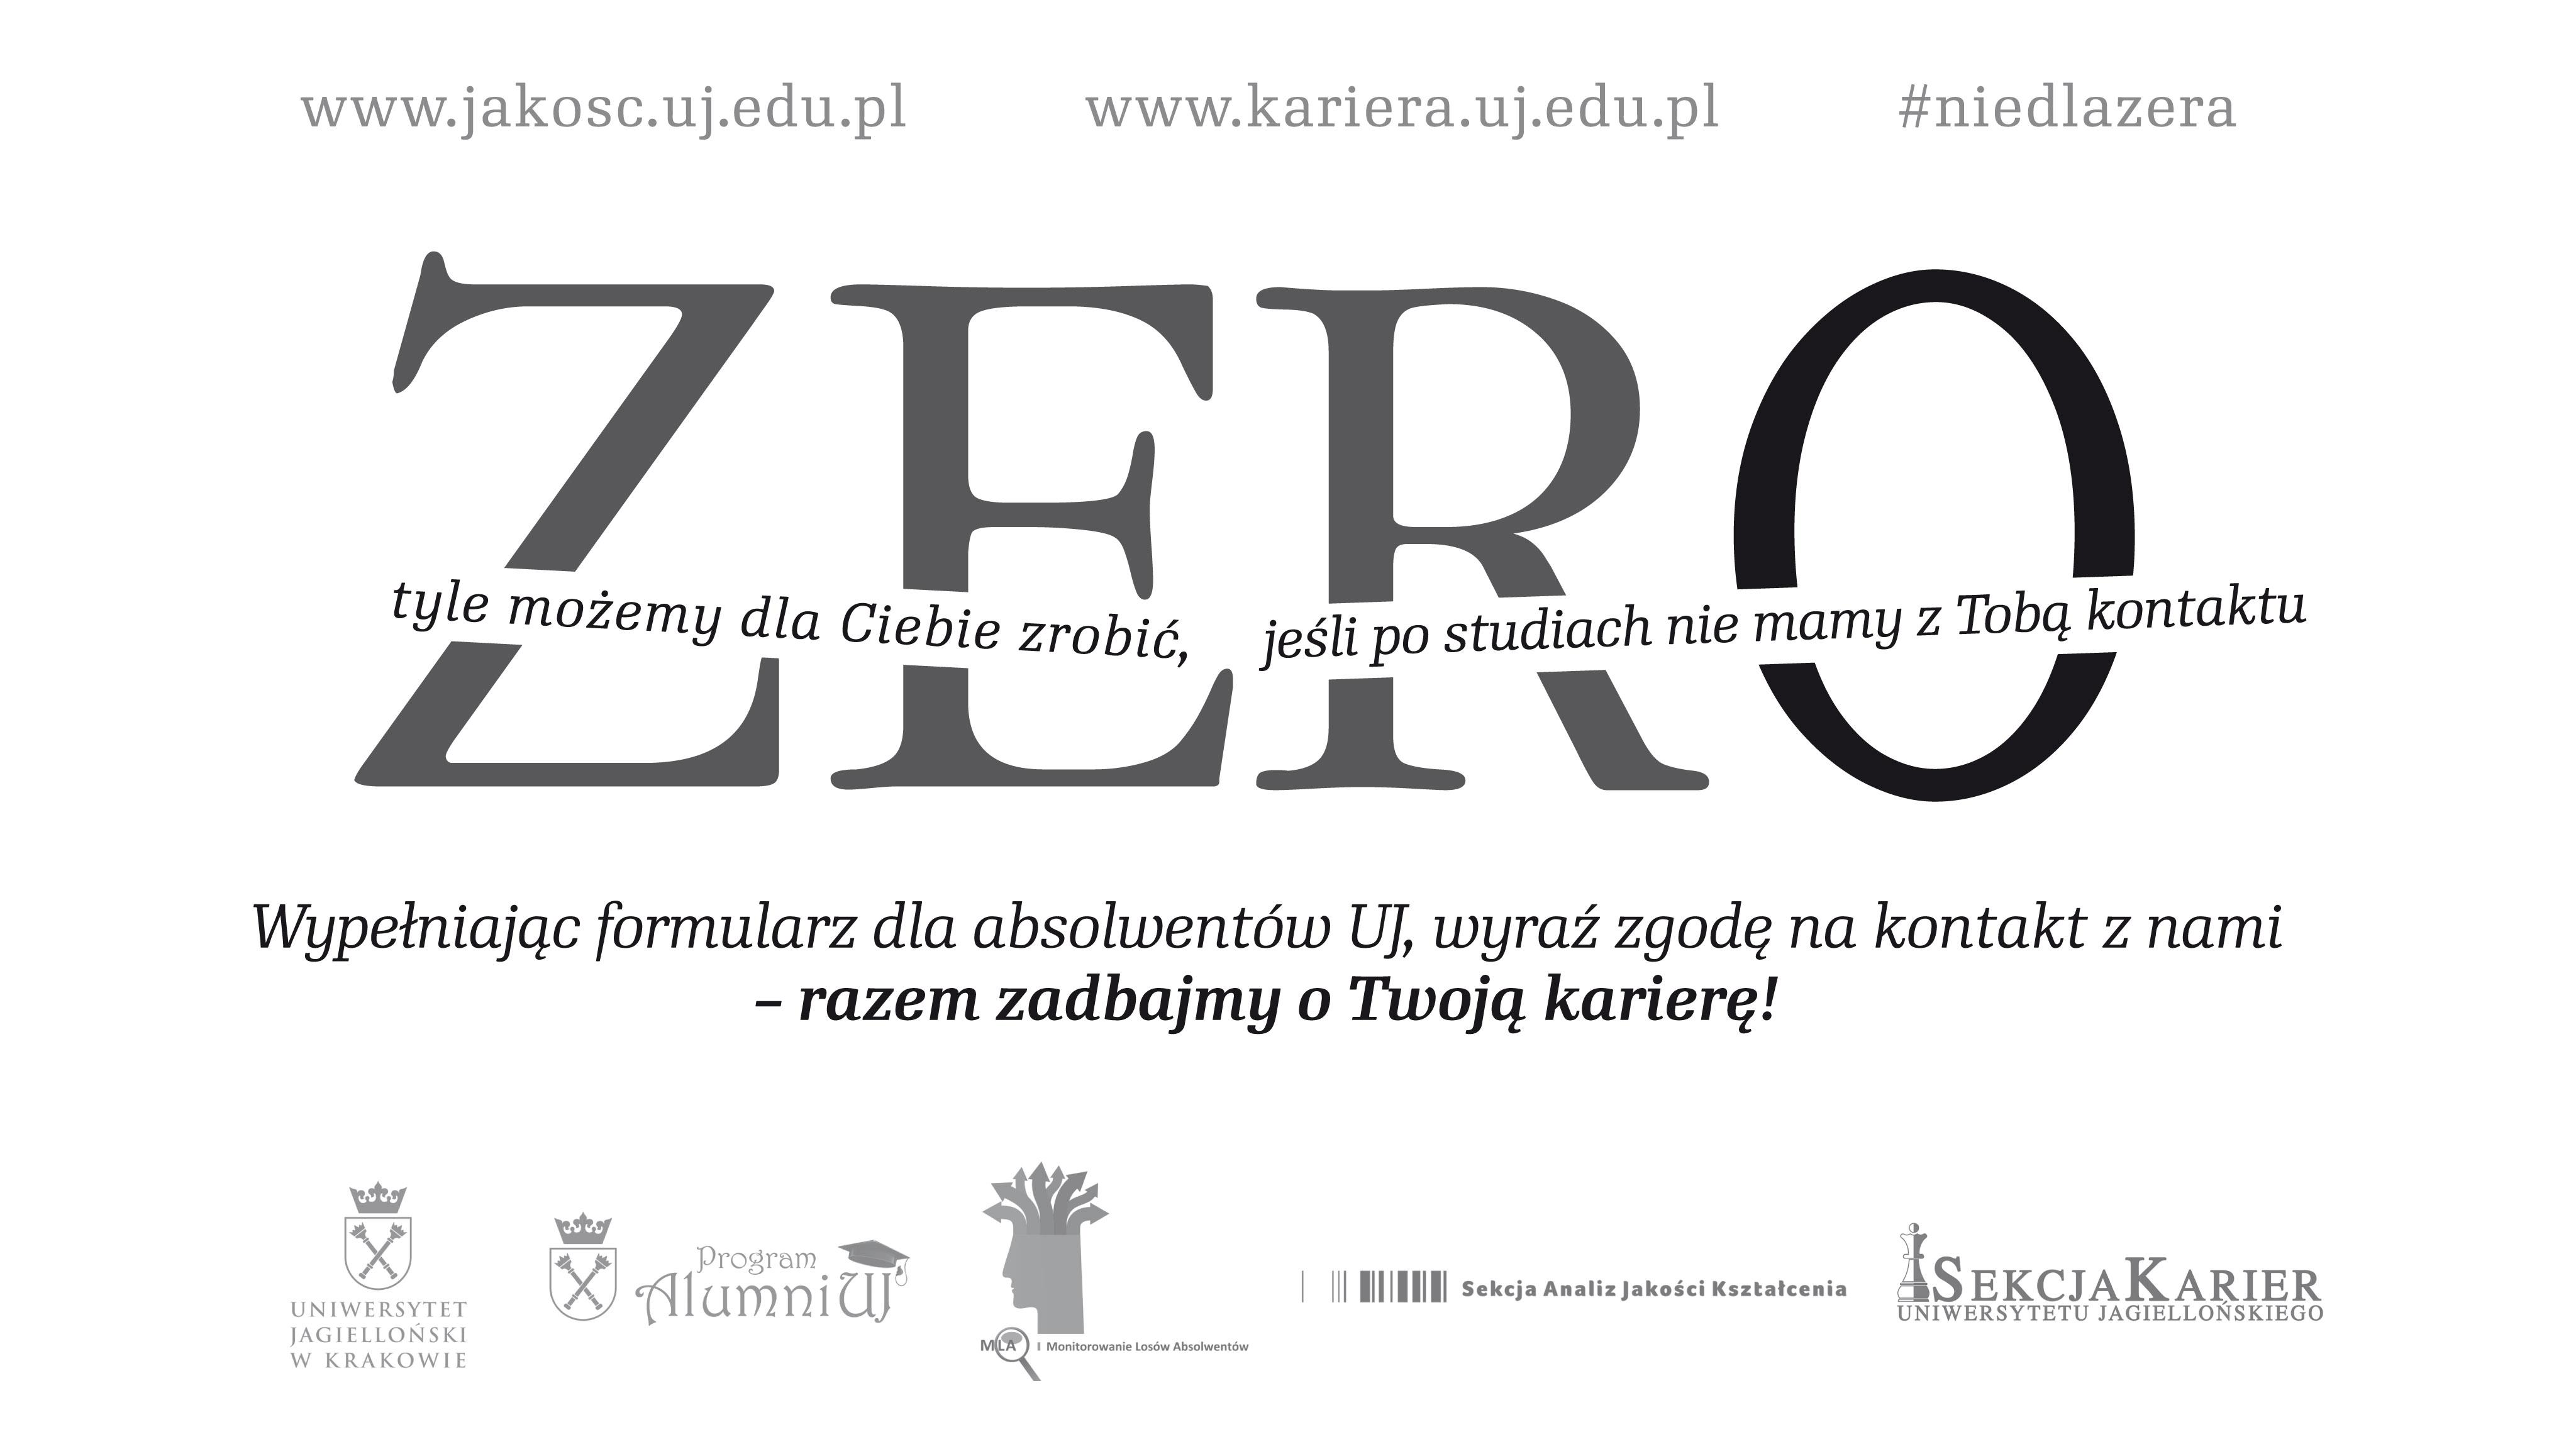 Plakat informacyjny dotyczący formularza zgody na kontakt po studiach